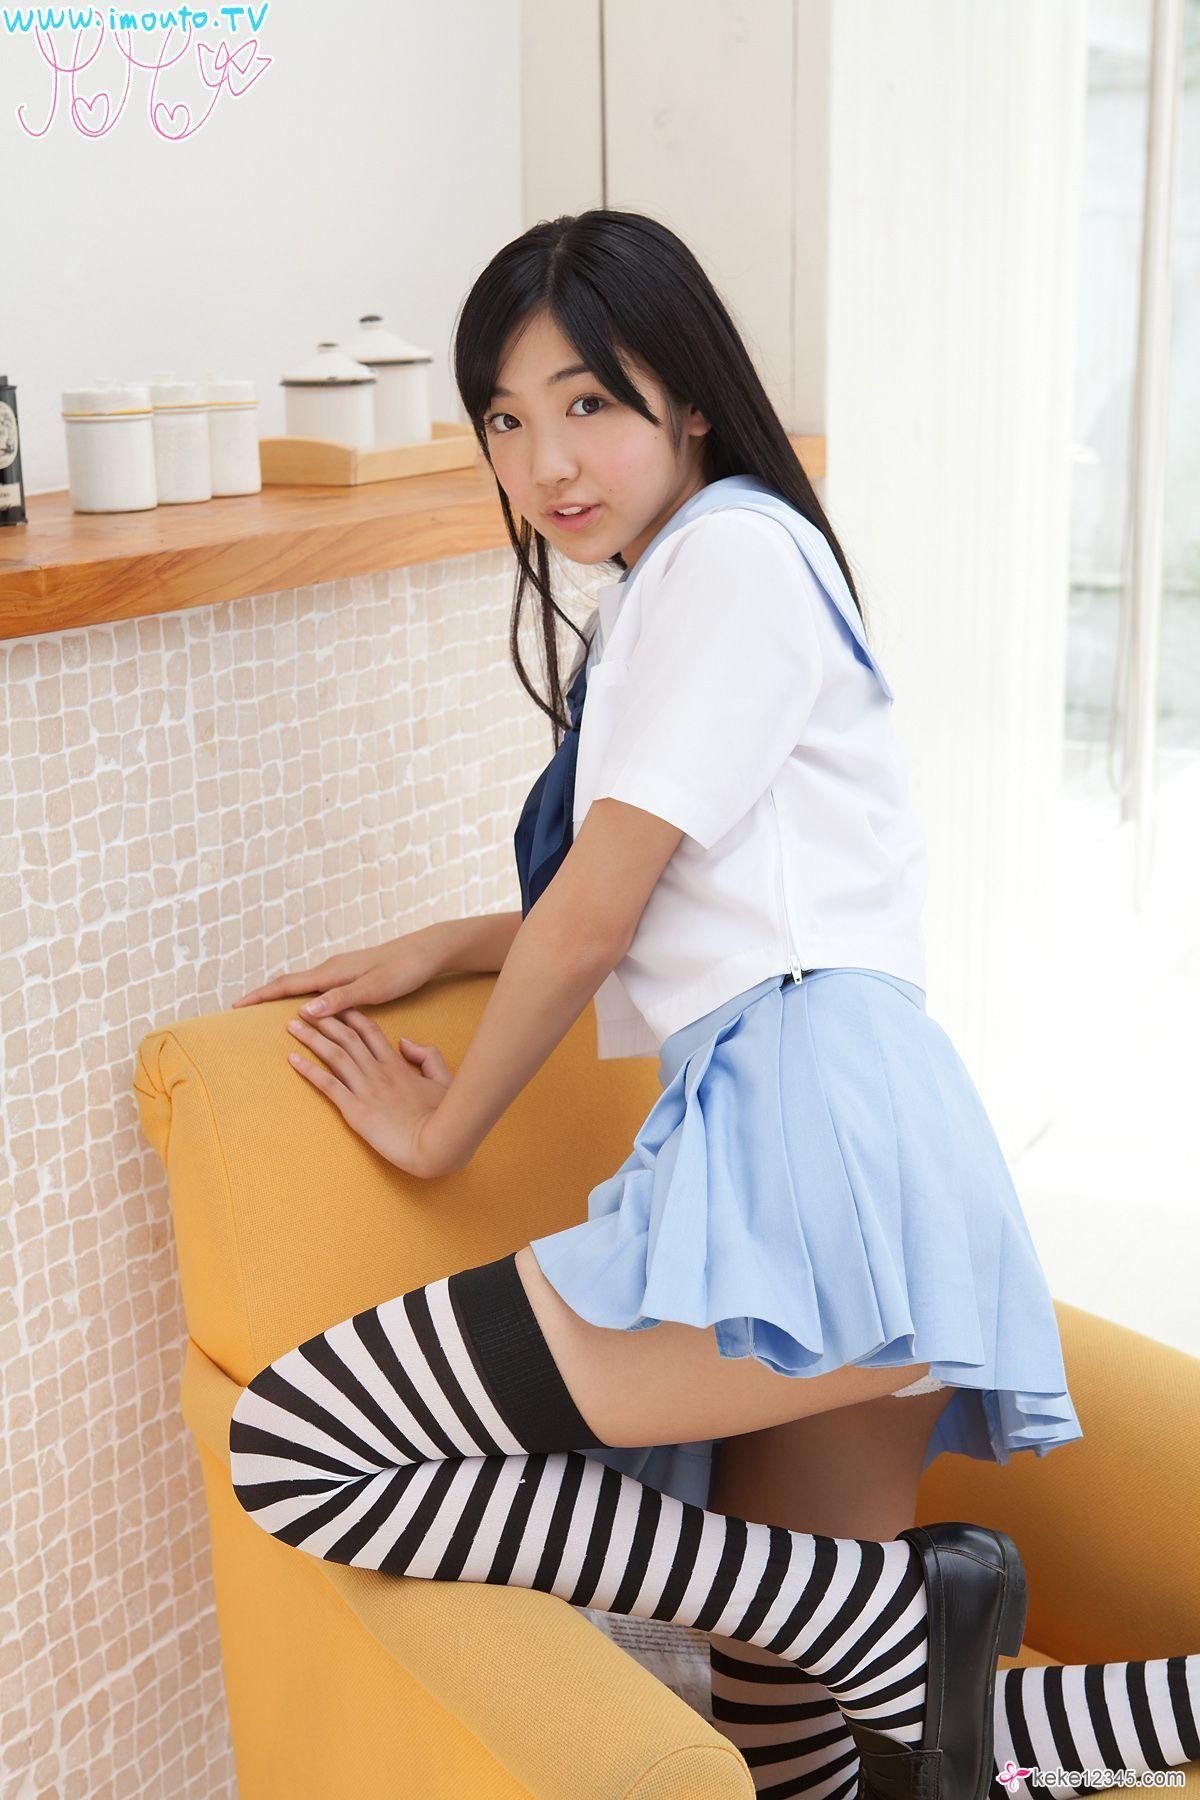 椎名もも 画像 auctions yahoo - Yahoo! JAPAN